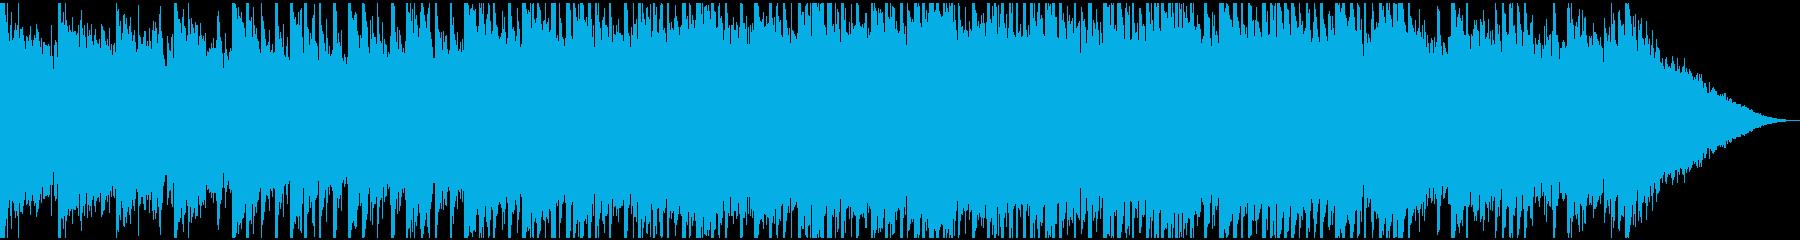 60秒企業VP30,コーポレート,疾走感の再生済みの波形